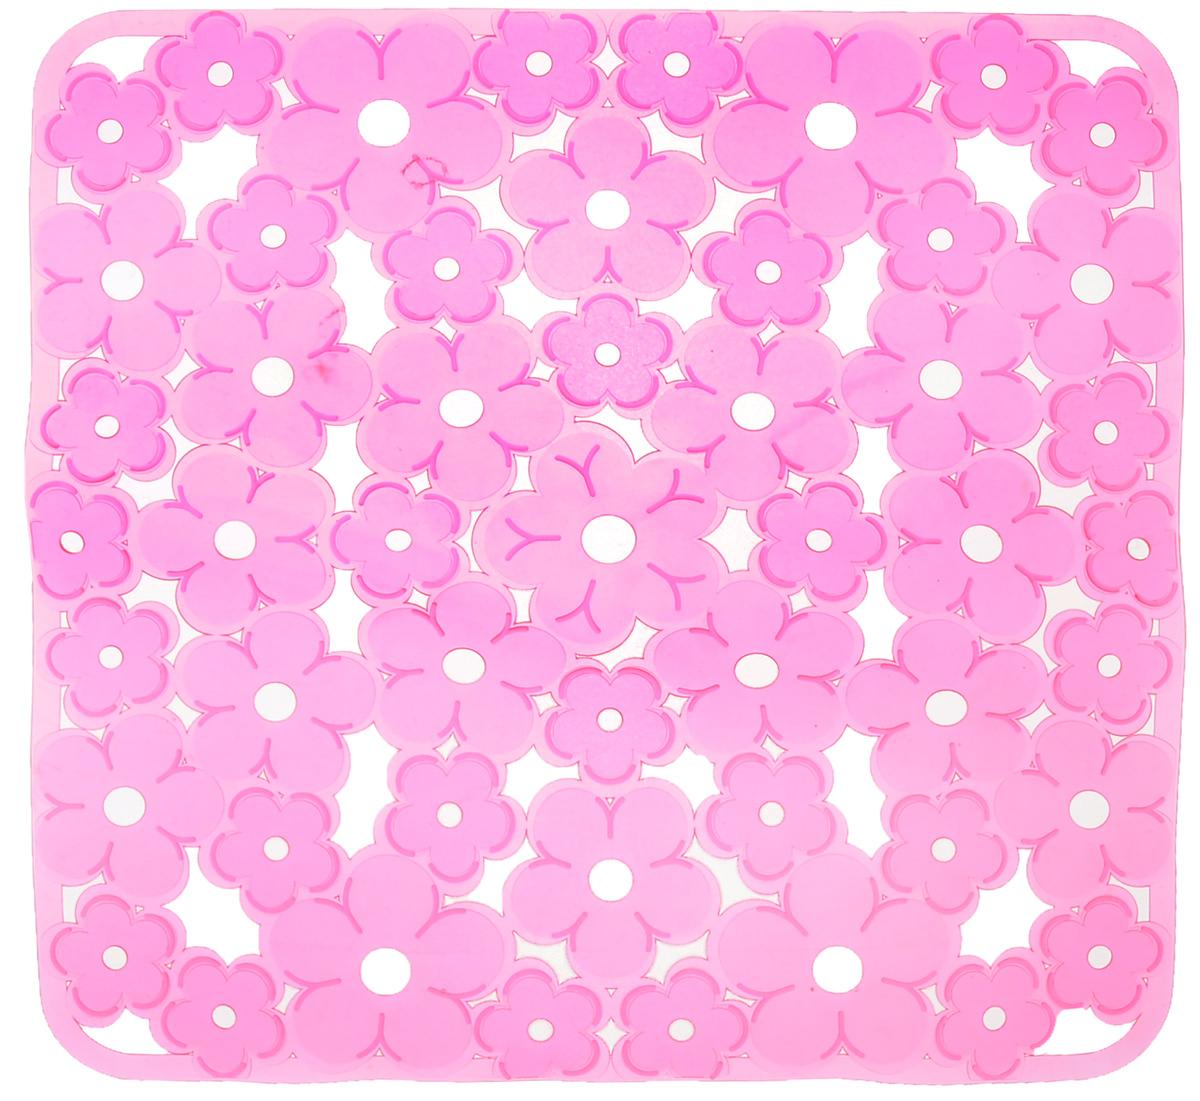 Коврик для раковины Metaltex, цвет: розовый, 32 х 32 см28.75.38_розовыйКоврик для раковины Metaltex изготовлен из ПВХ с цветочным рисунком. Изделие имеет квадратную форму с закругленными углами. Такой коврик защитит вашу посуду во время мытья, а также предотвратит засор труб, задерживая остатки пищи.